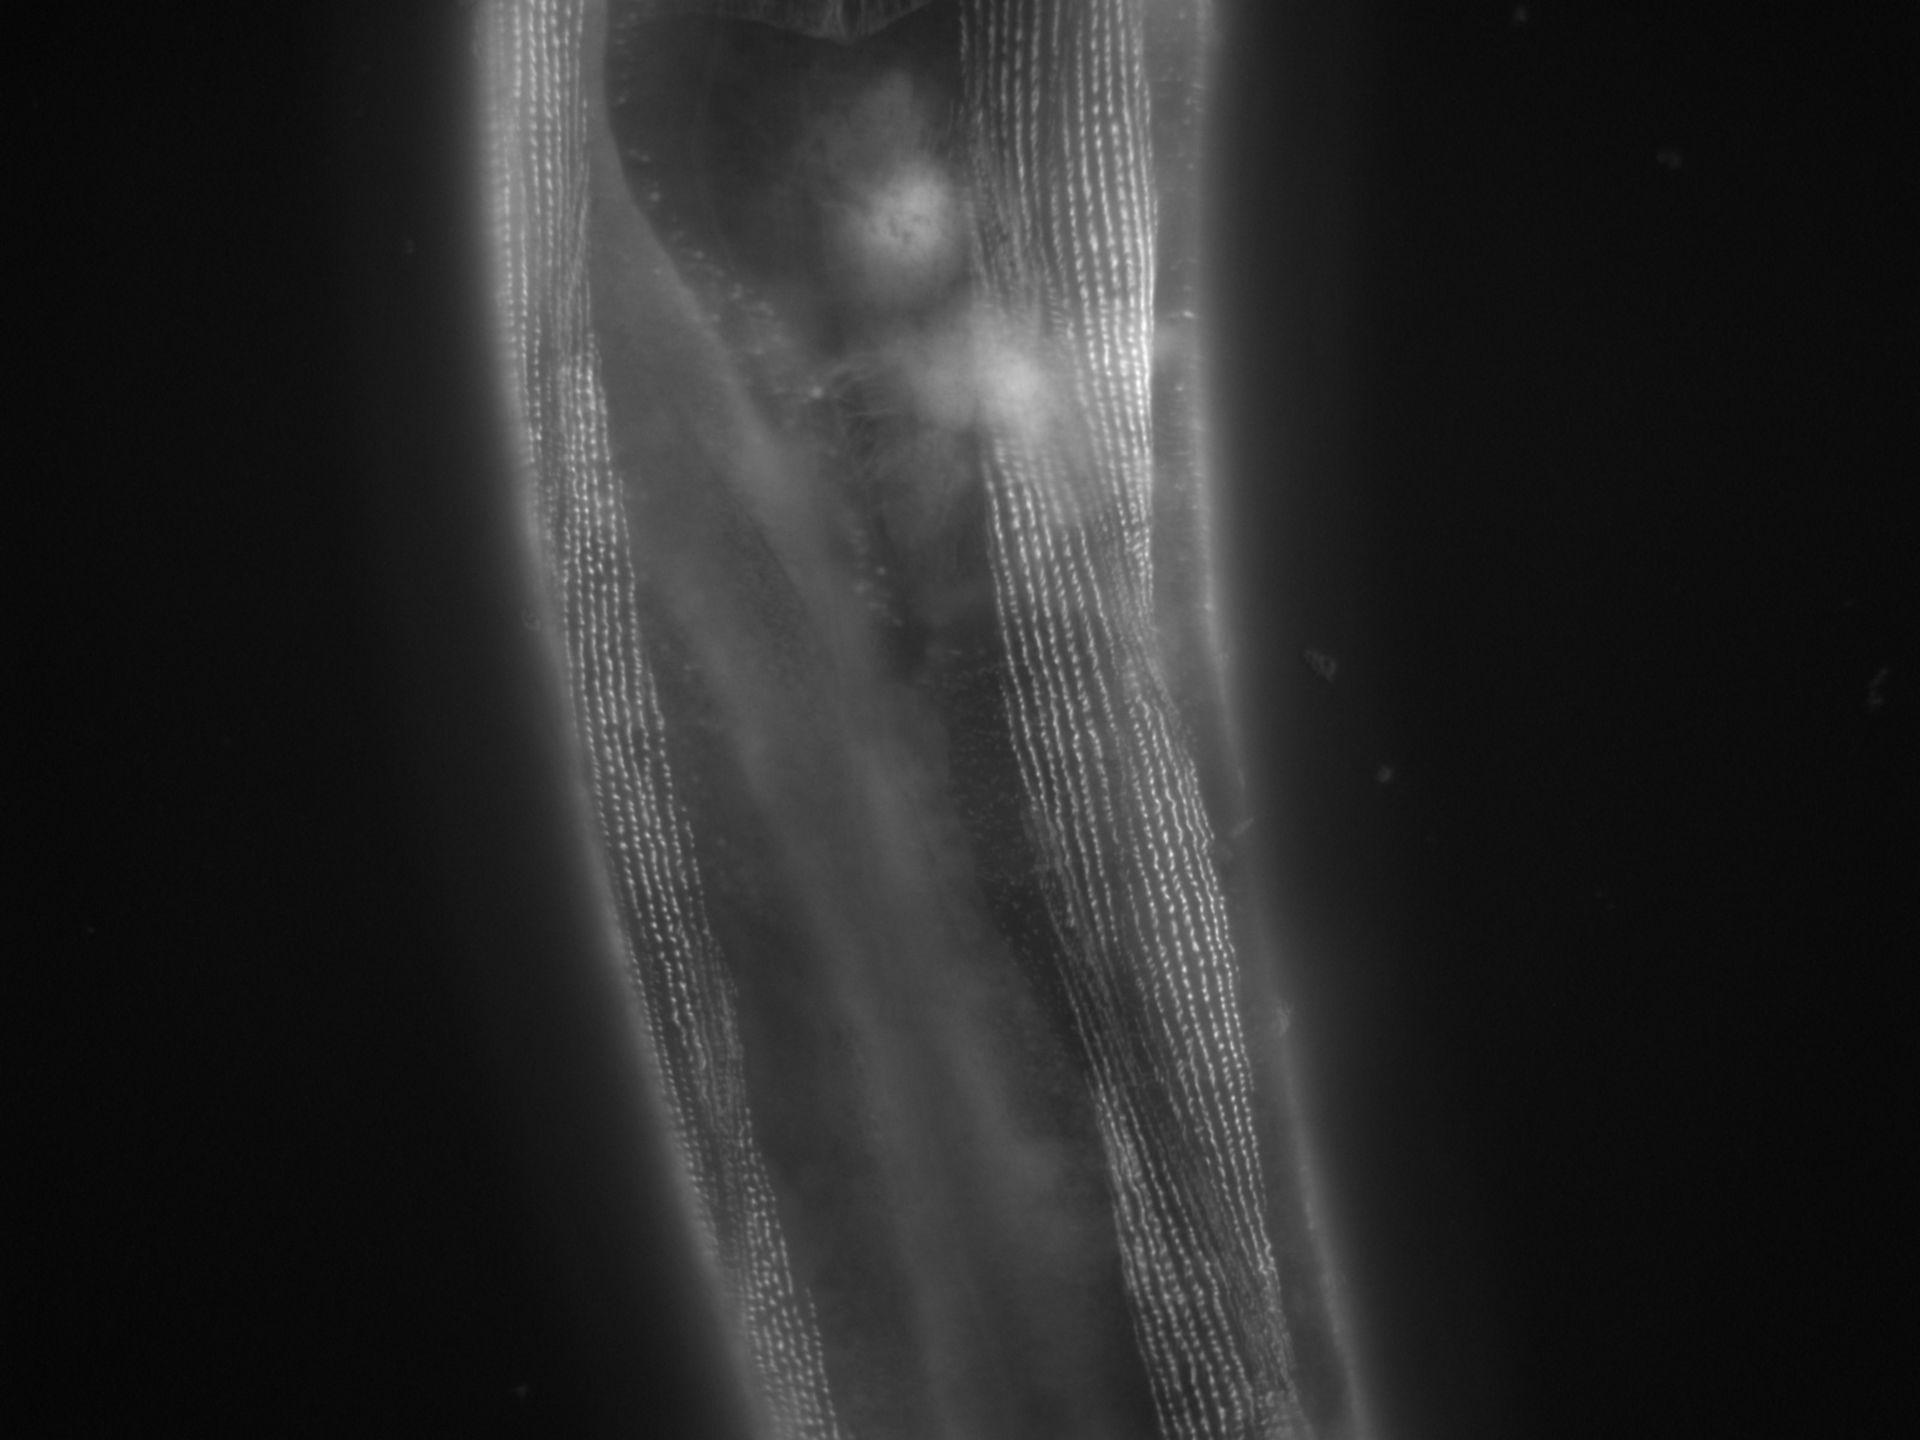 Caenorhabditis elegans (Actin filament) - CIL:1138